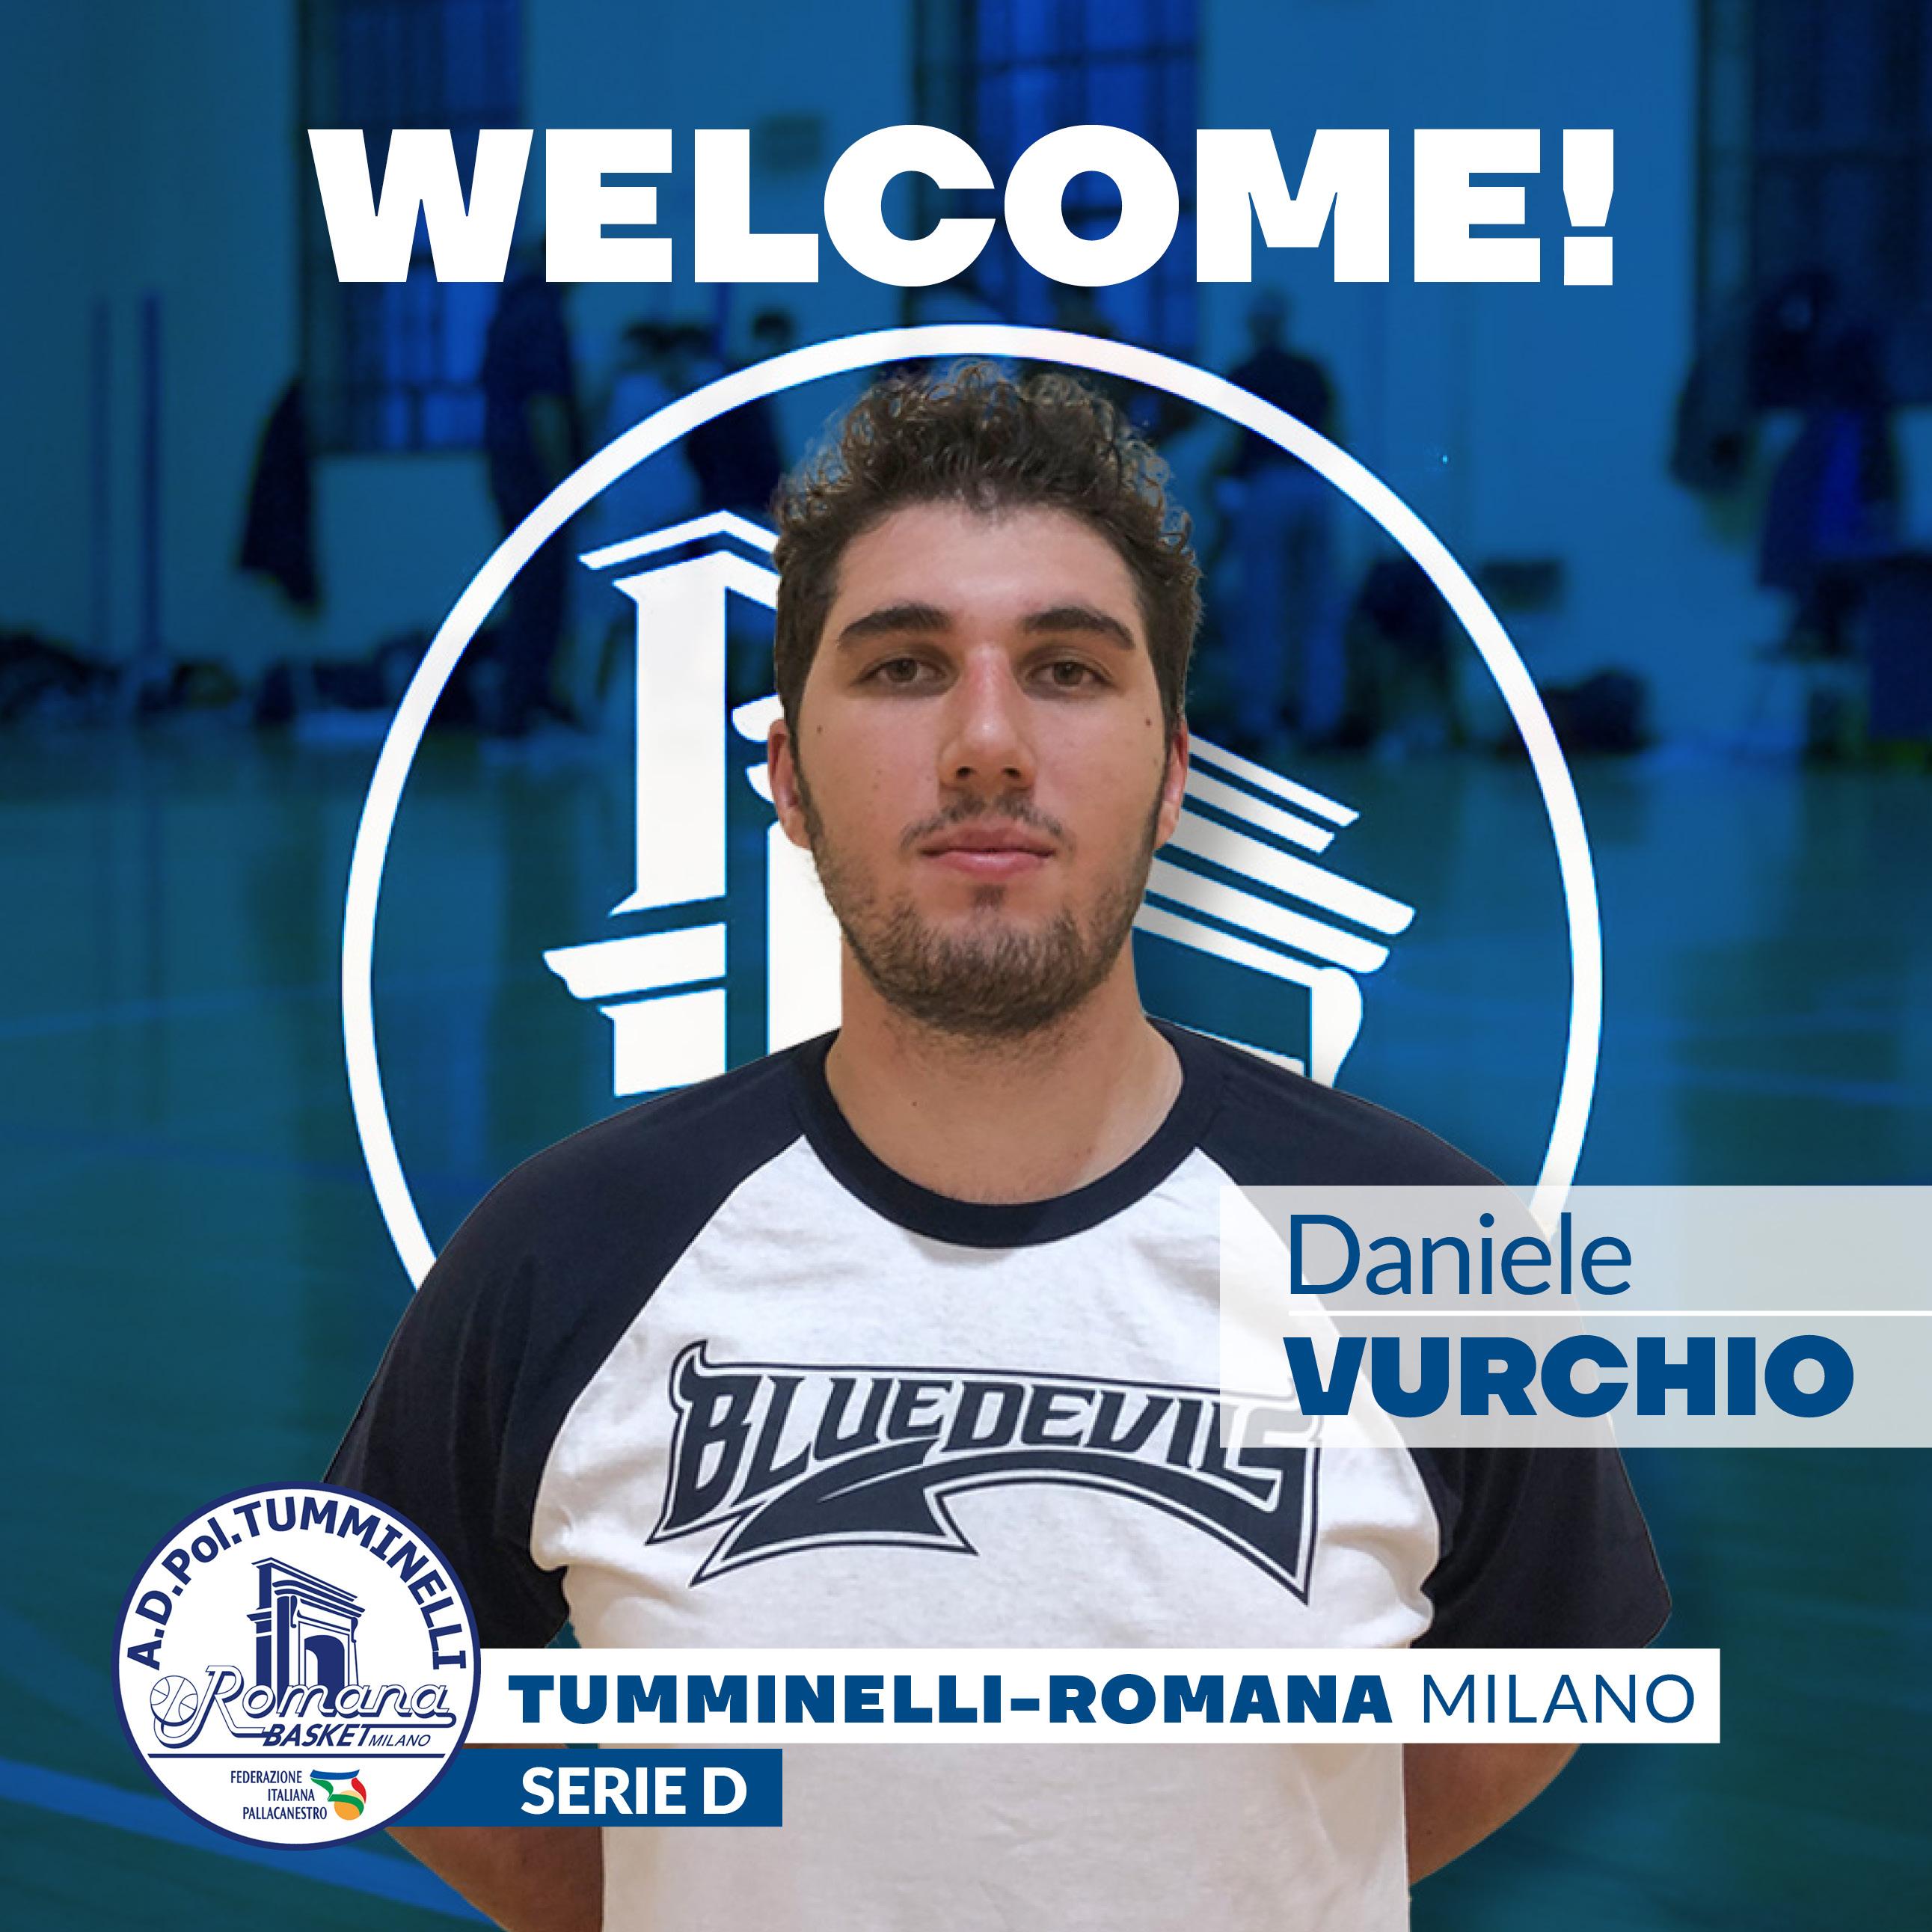 Daniele Vurchio